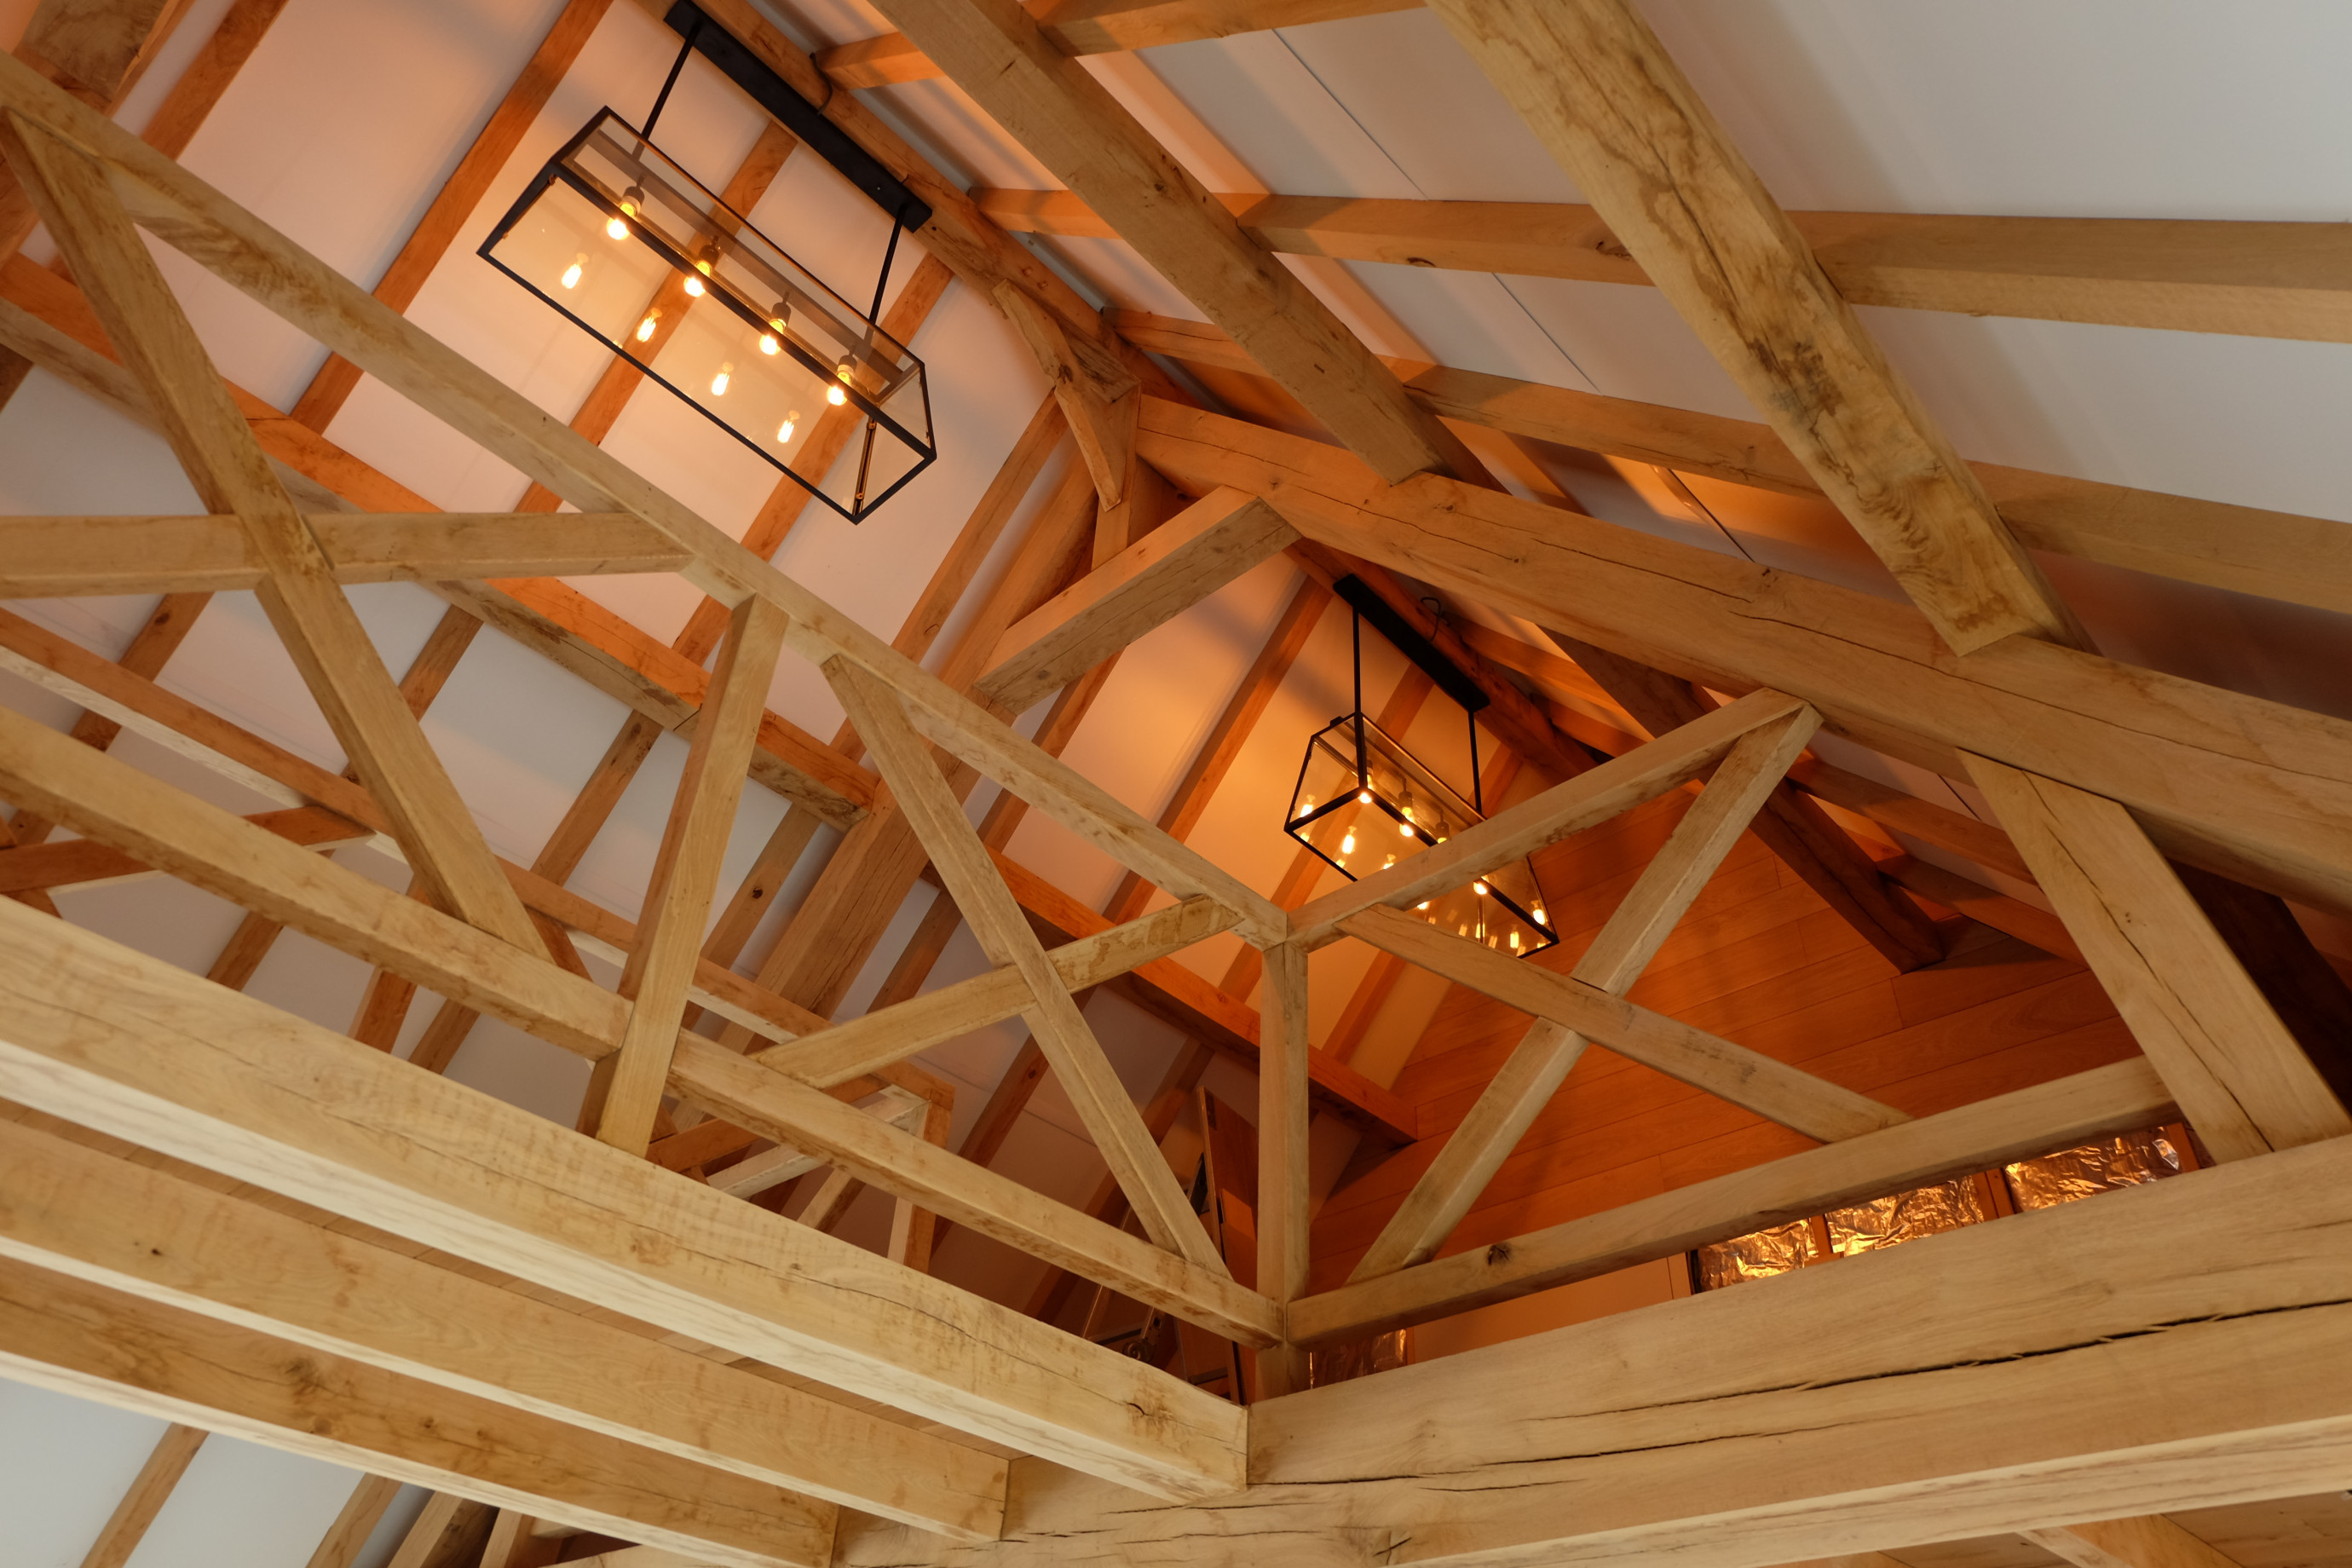 Prachtige guesthouse in eiken bijgebouw. Dit eiken bijgebouw werd gerealiseerd door Vanhauwood. Cornelis Hout zorgde voor het op maat gemaakte eiken bouwpakket voor de opbouw van de structuur en de eiken beplanking.